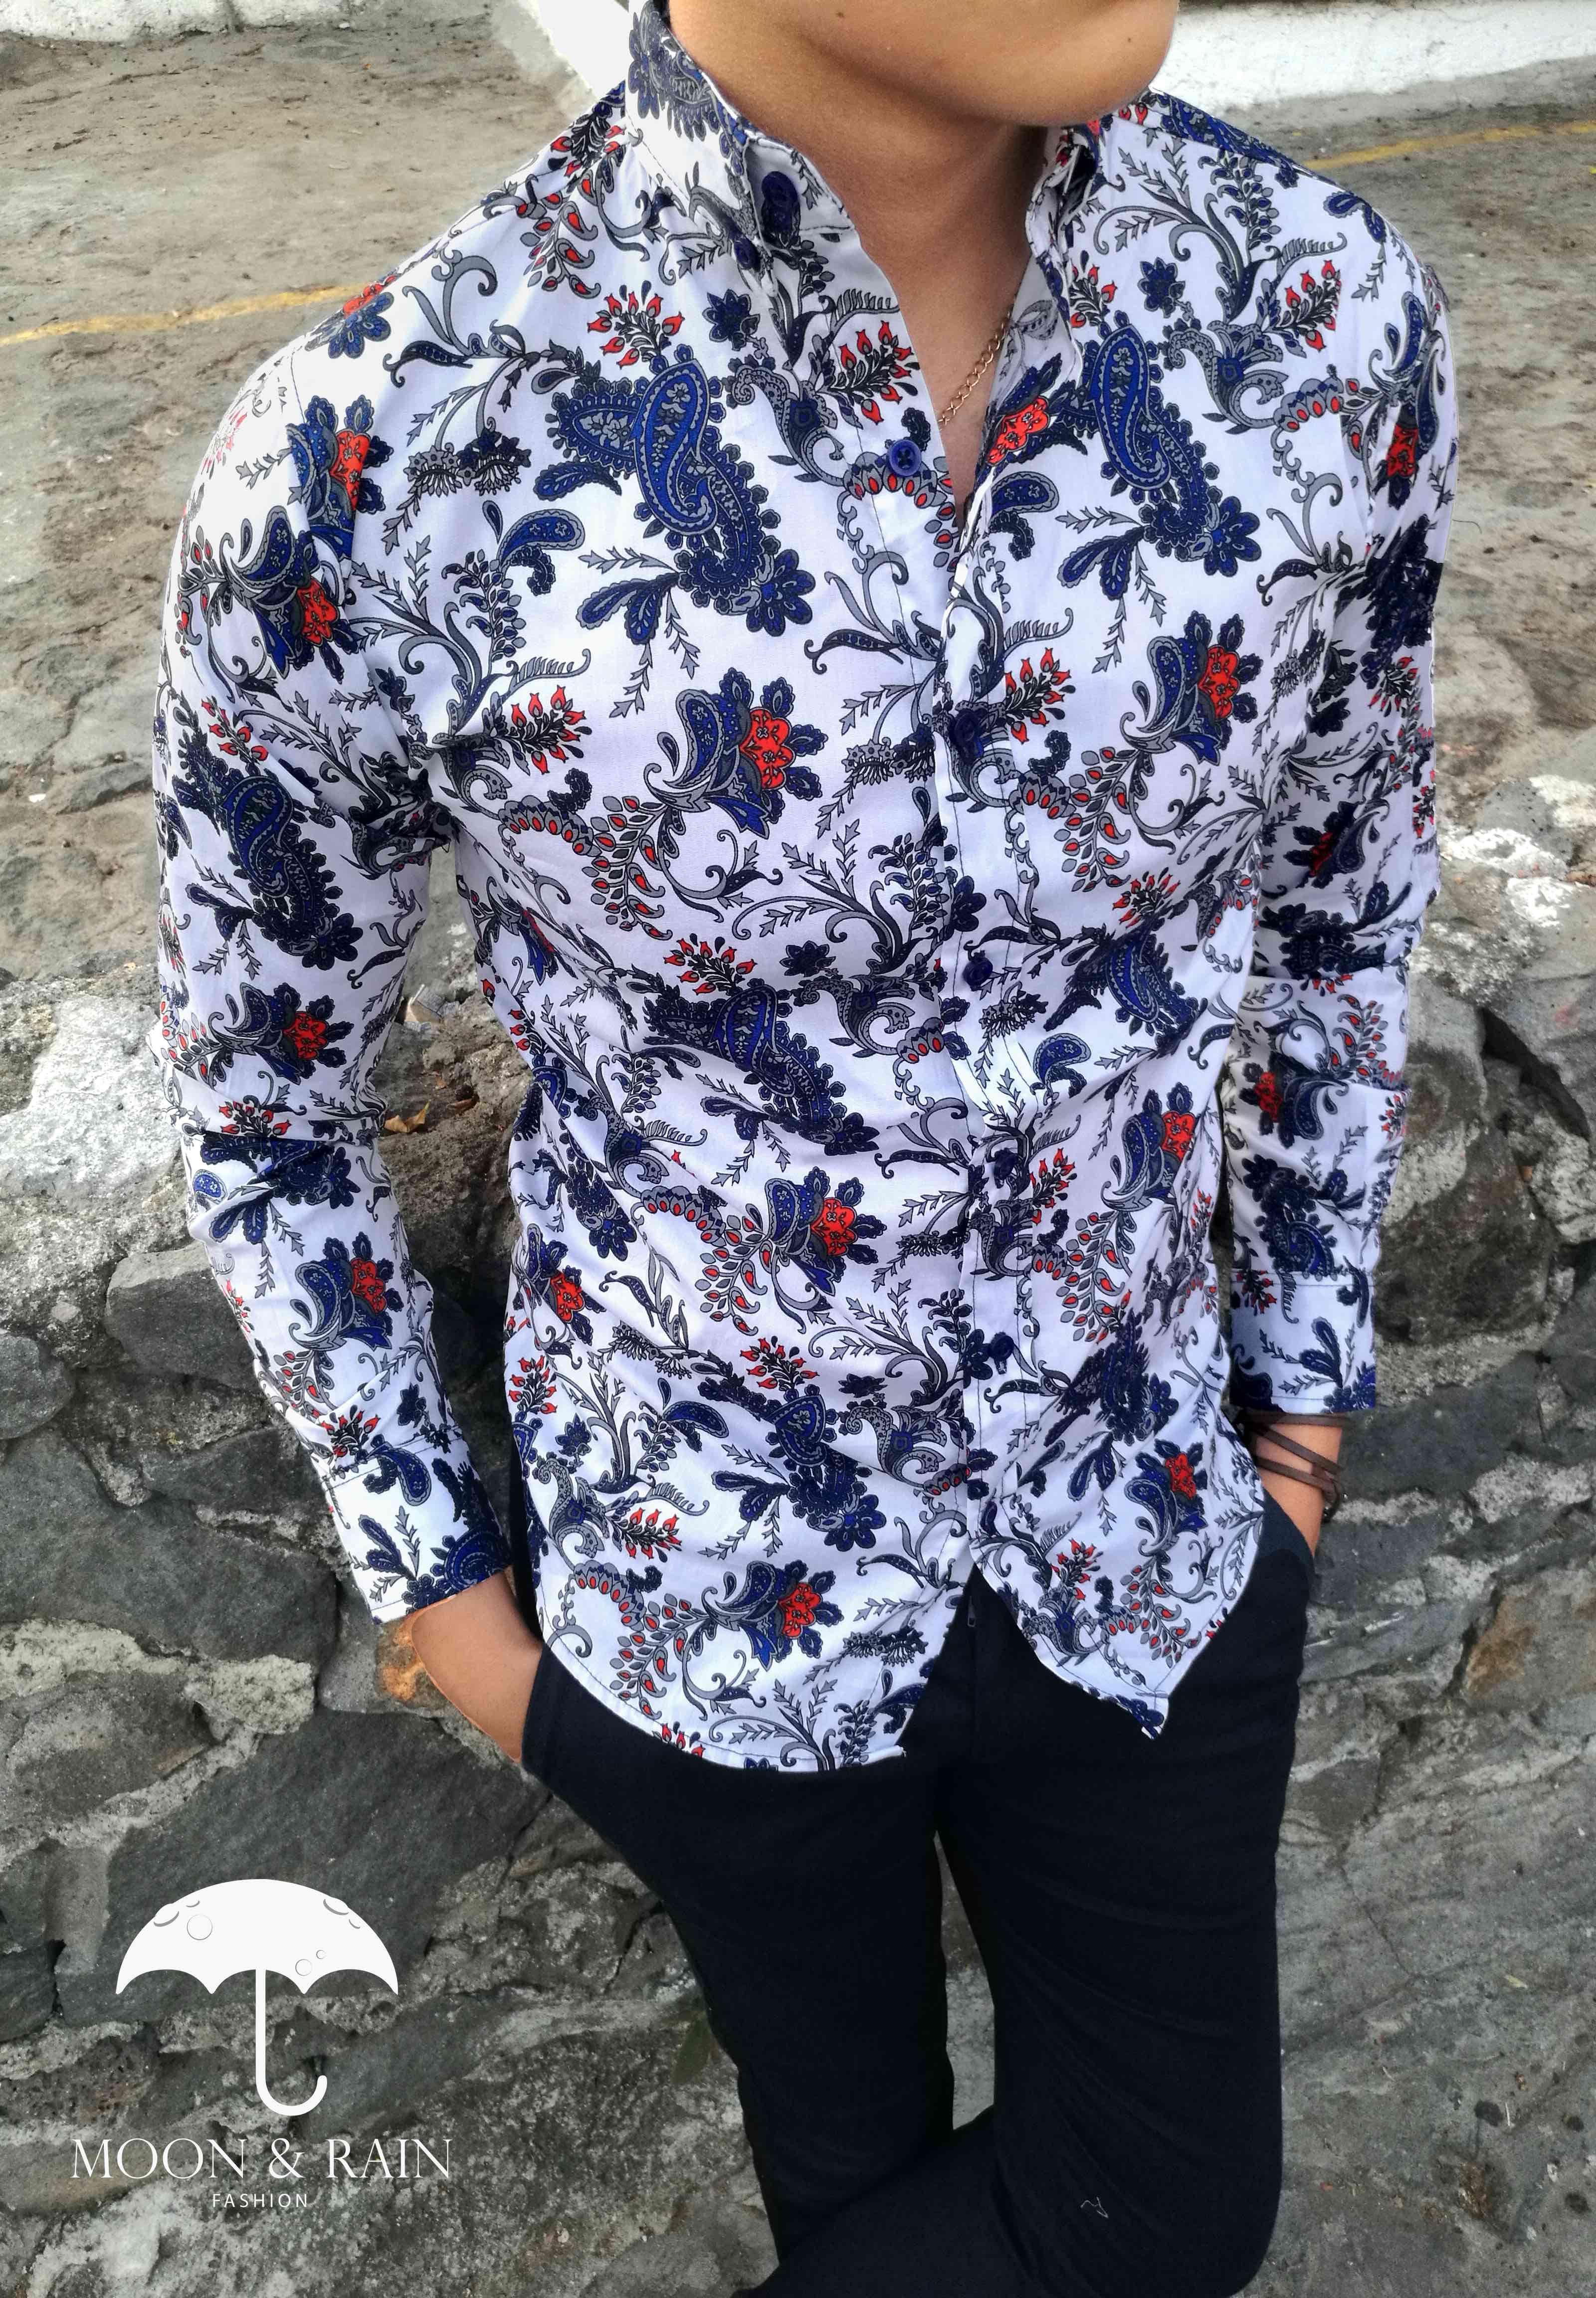 Camisa blanca floreada azul marino, diseño exclusivo para